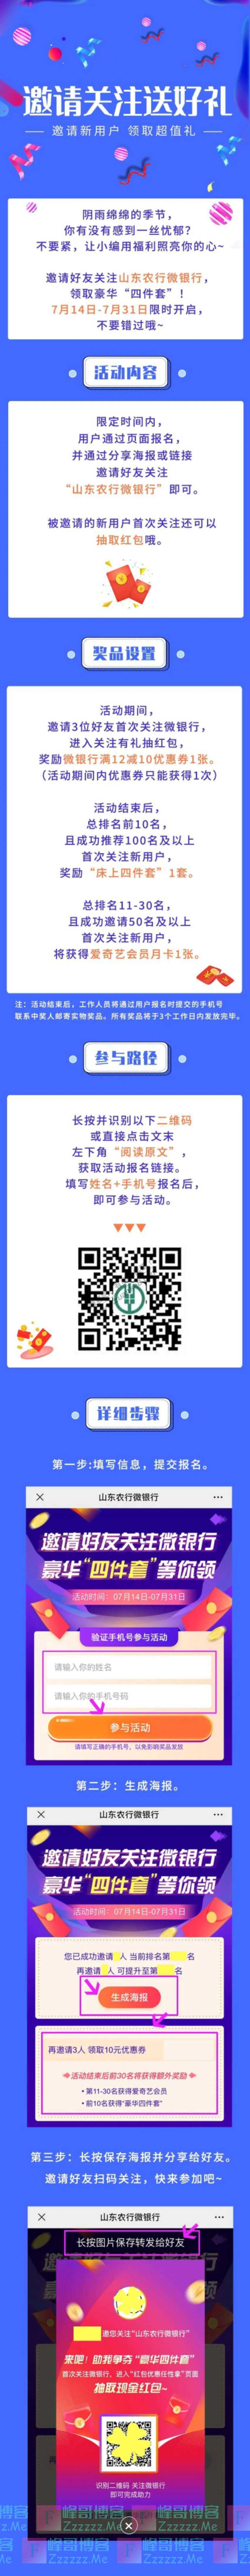 山东农行微银行关注有礼丨呼朋唤友(截止7月31日)